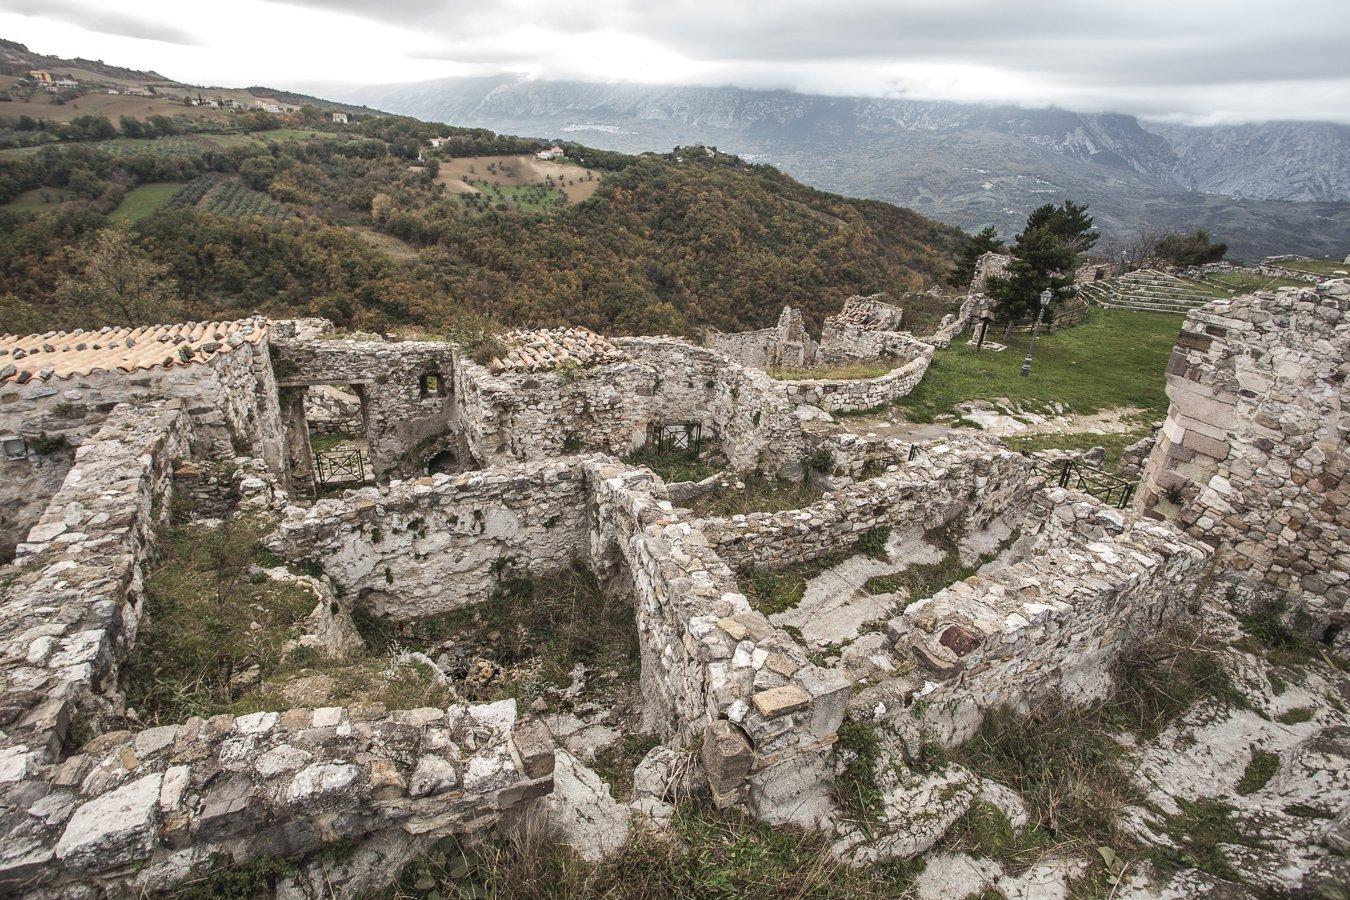 Gessopalena, borgo medievale